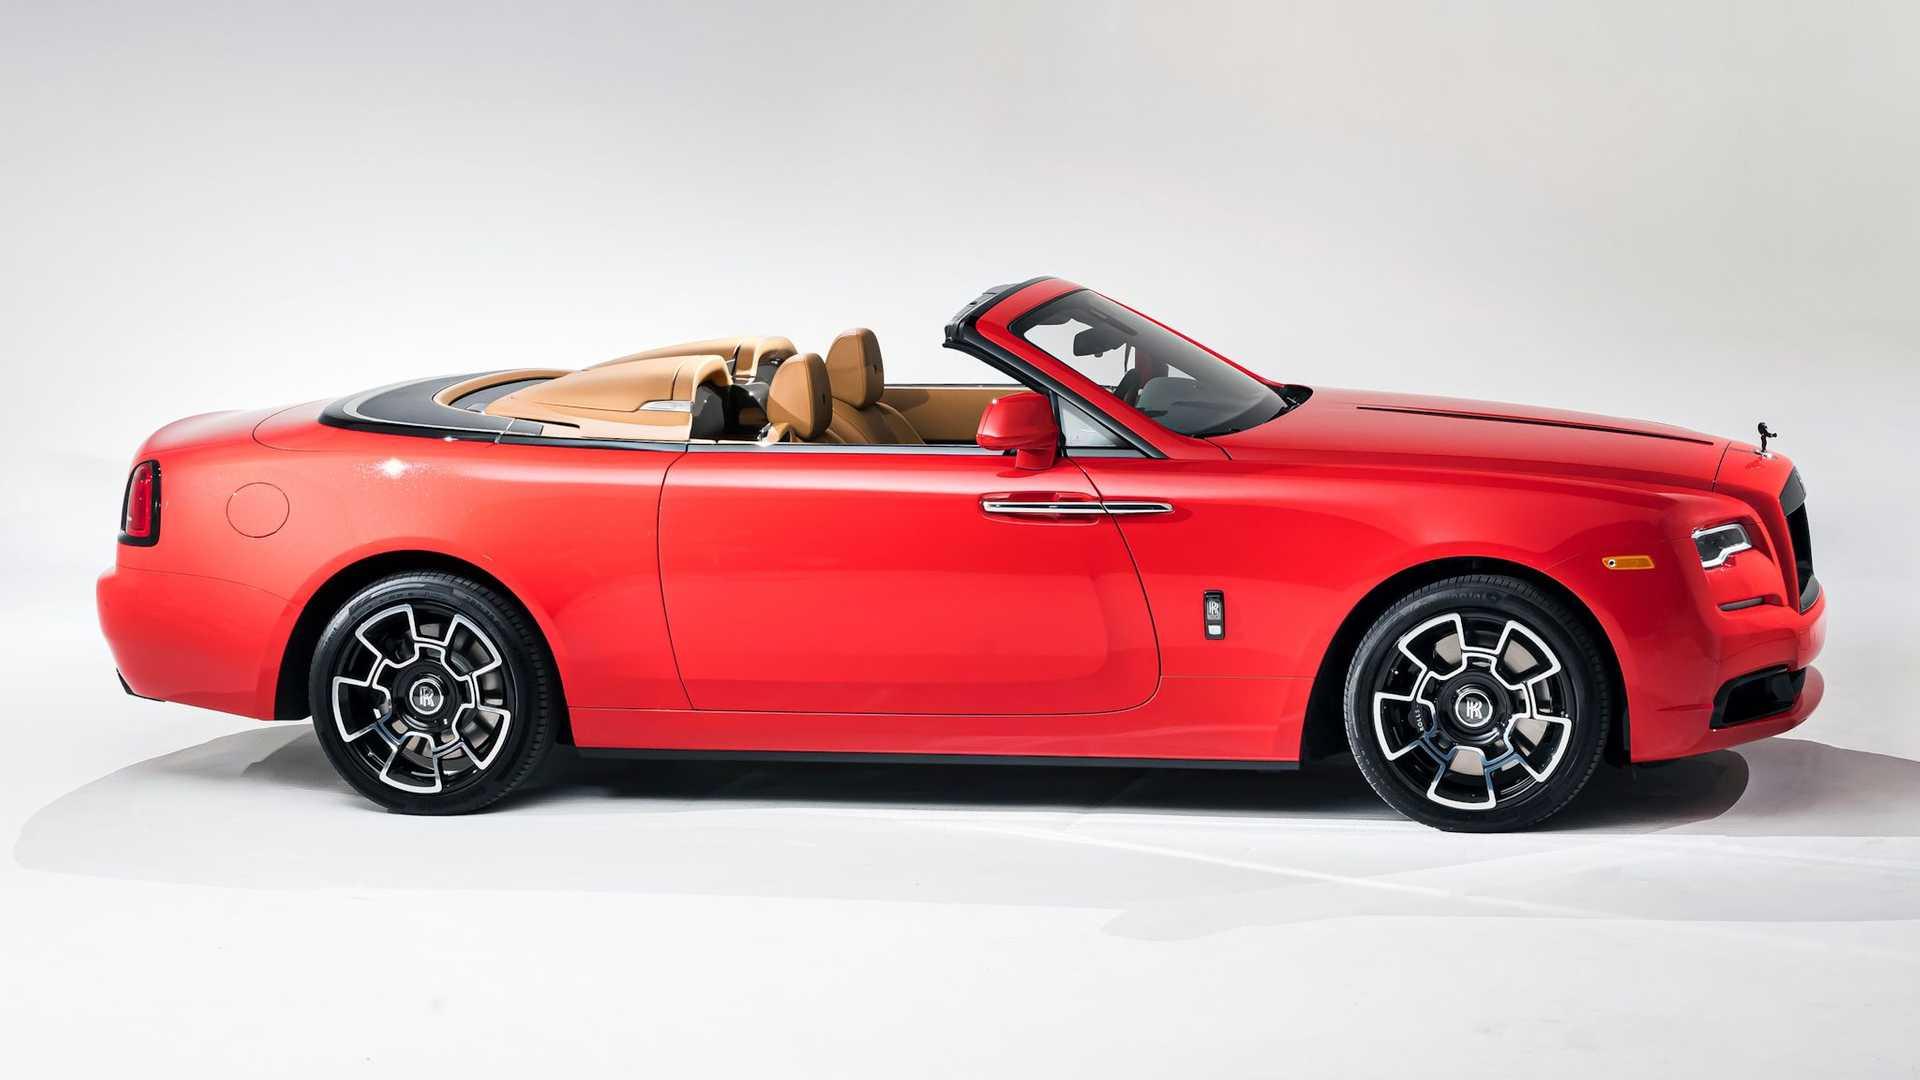 Bộ-đôi-Rolls-Royce-cá-nhân-hóa-kỷ-niệm-dịp-đặc-biệt-của-chủ-nhân (4).jpg